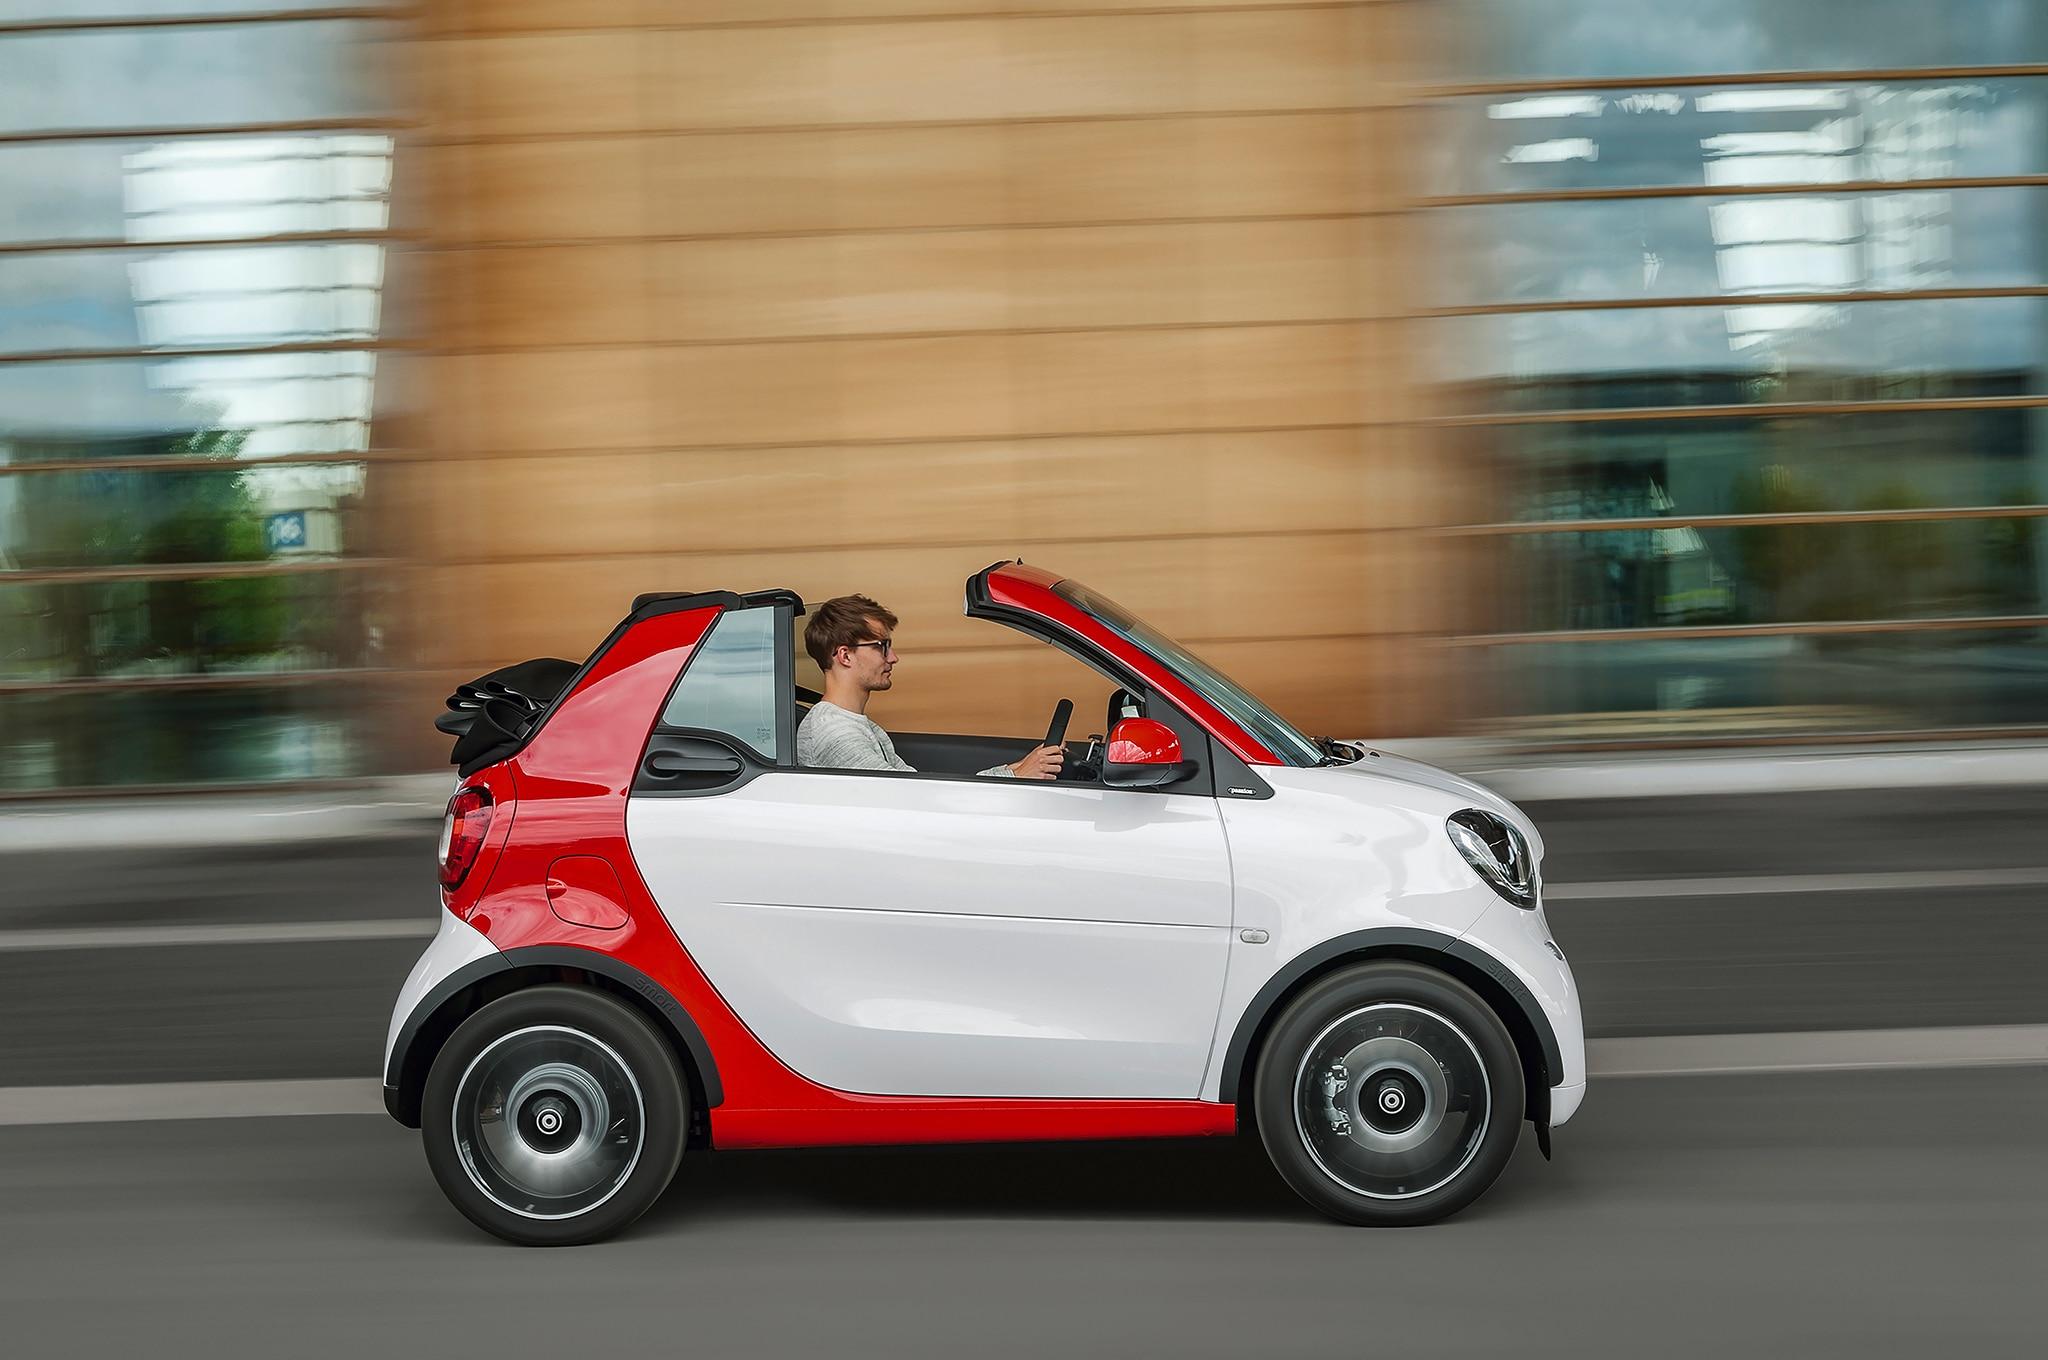 2017 smart fortwo cabriolet revealed ahead of frankfurt debut. Black Bedroom Furniture Sets. Home Design Ideas